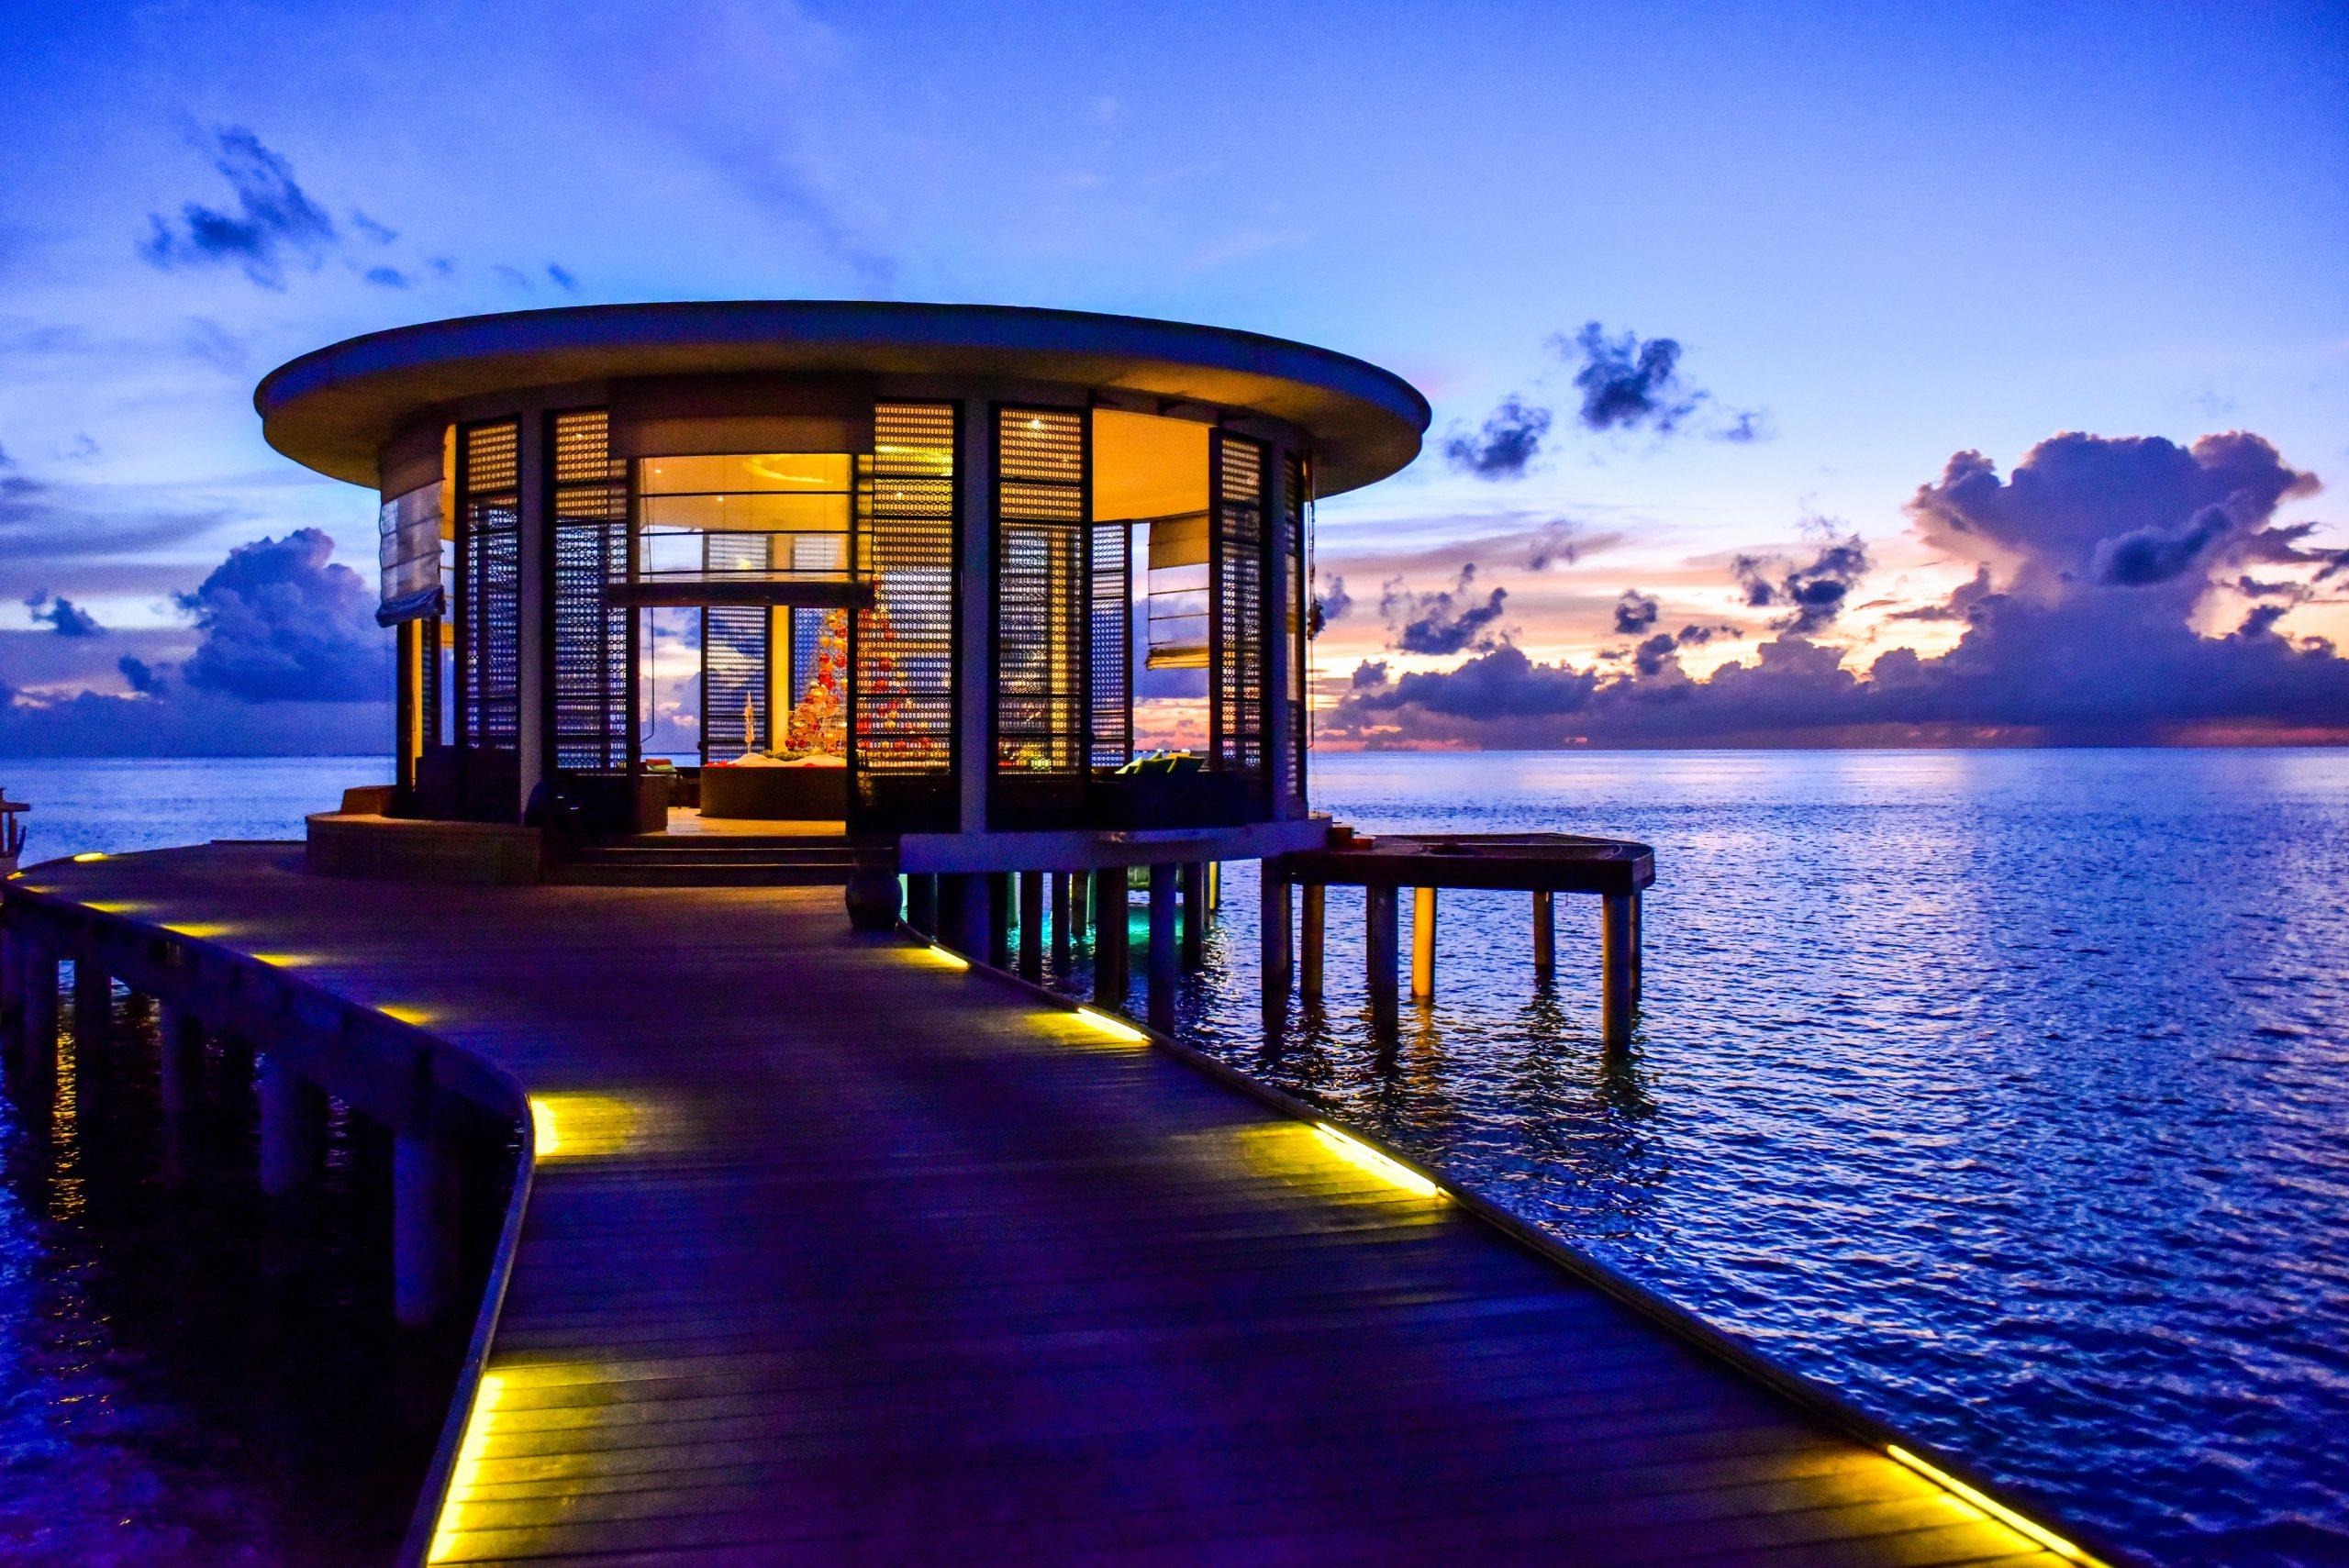 Main image of article: Pourquoi faire un voyage de luxe sur mesure avec nous ?